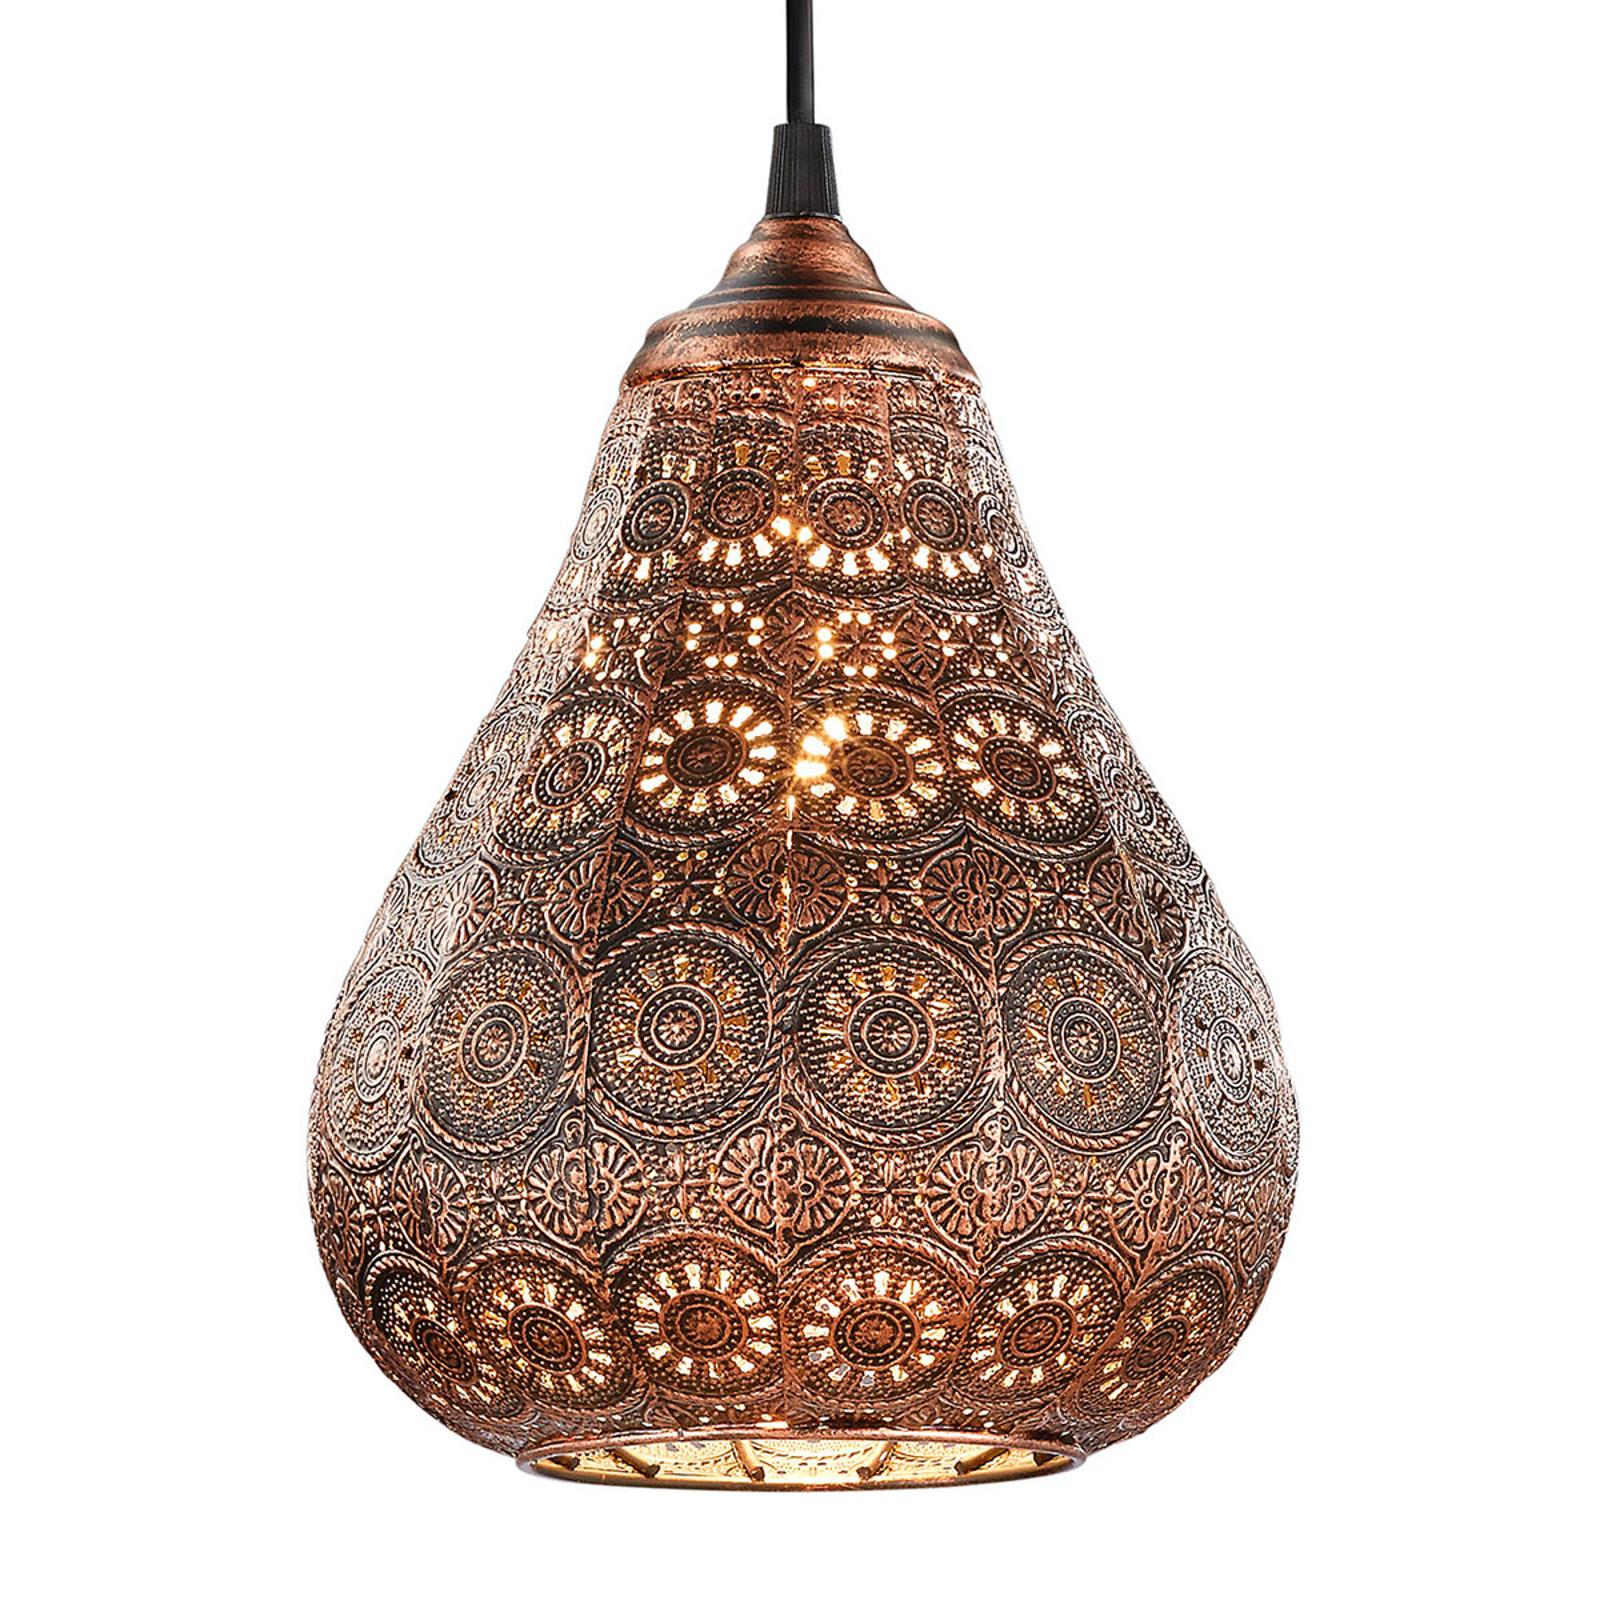 Jasmin kobberfarvet hængelampe